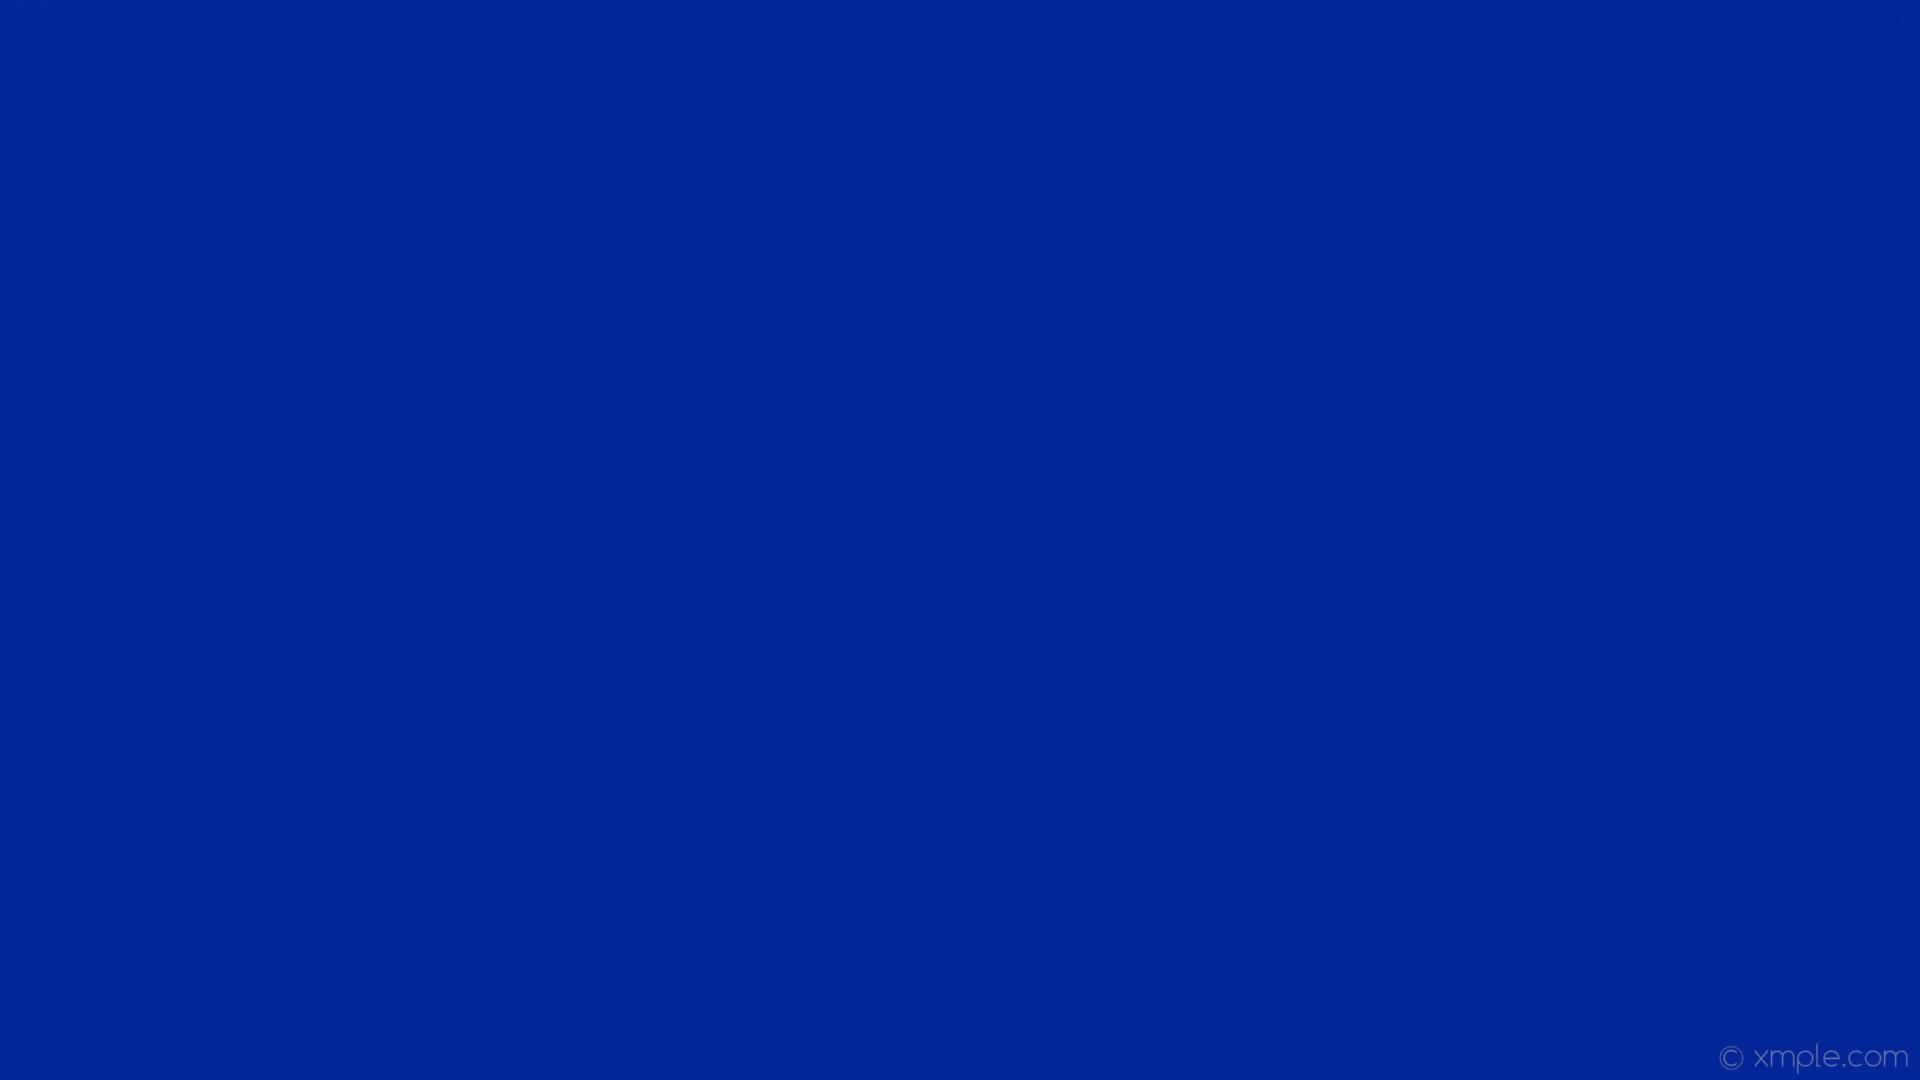 wallpaper solid color blue plain single one colour #032698